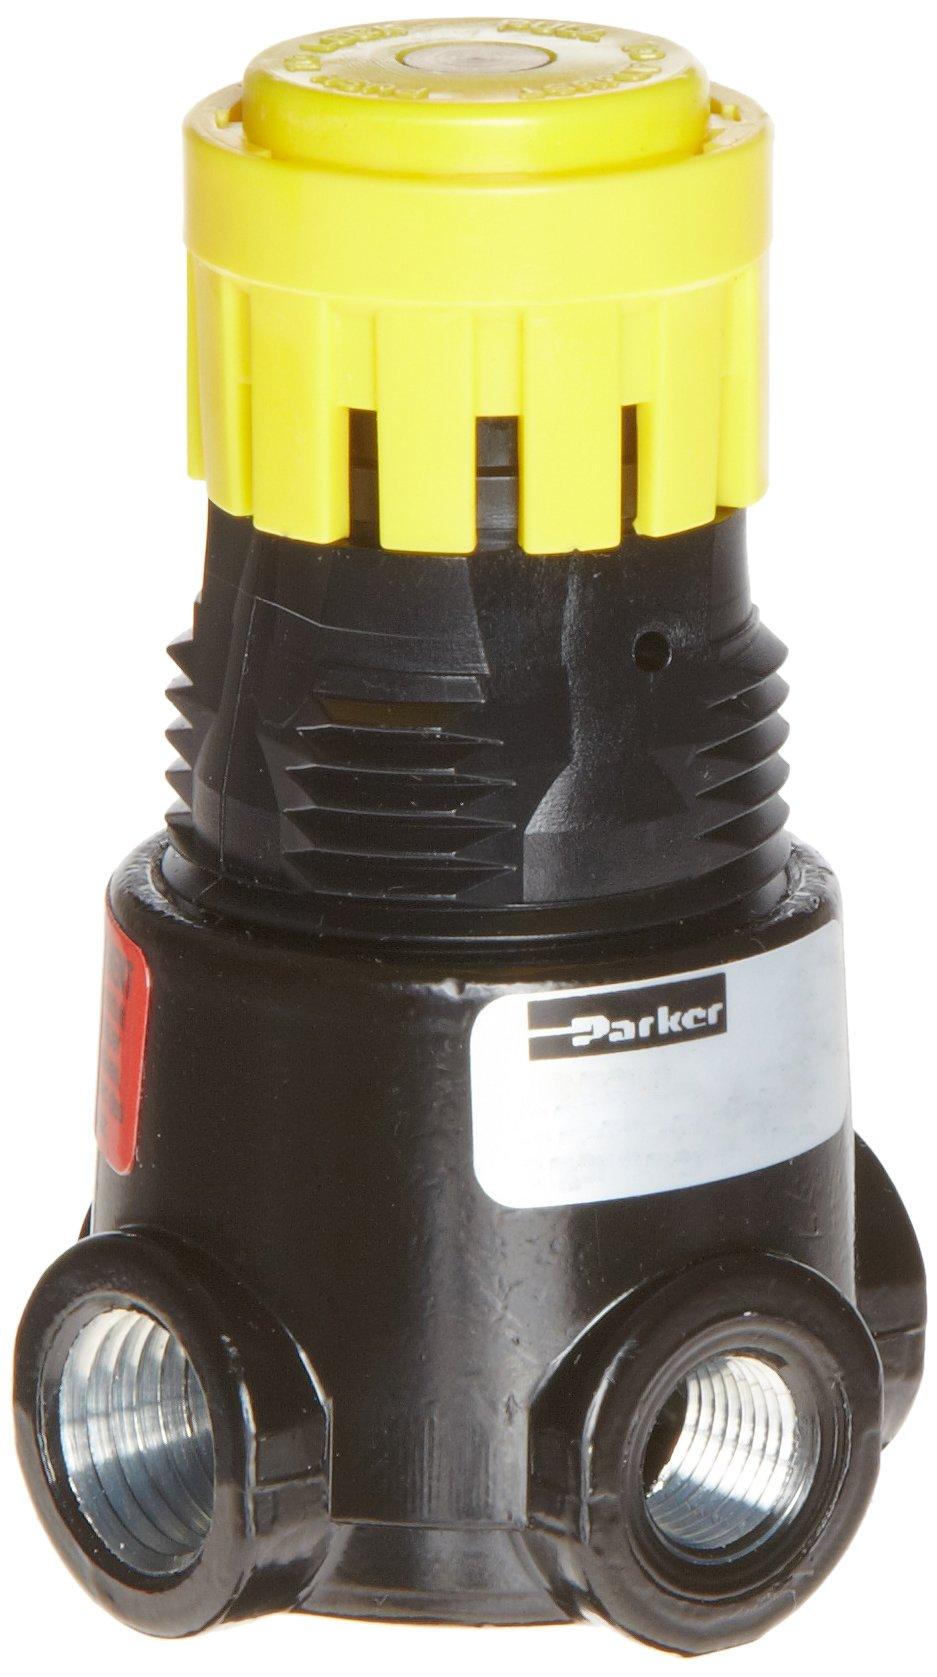 Parker 14R118FC Regulator, Relieving Type, 2-125 psi Pressure Range, Gauge, 15 scfm, 1/4'' NPT